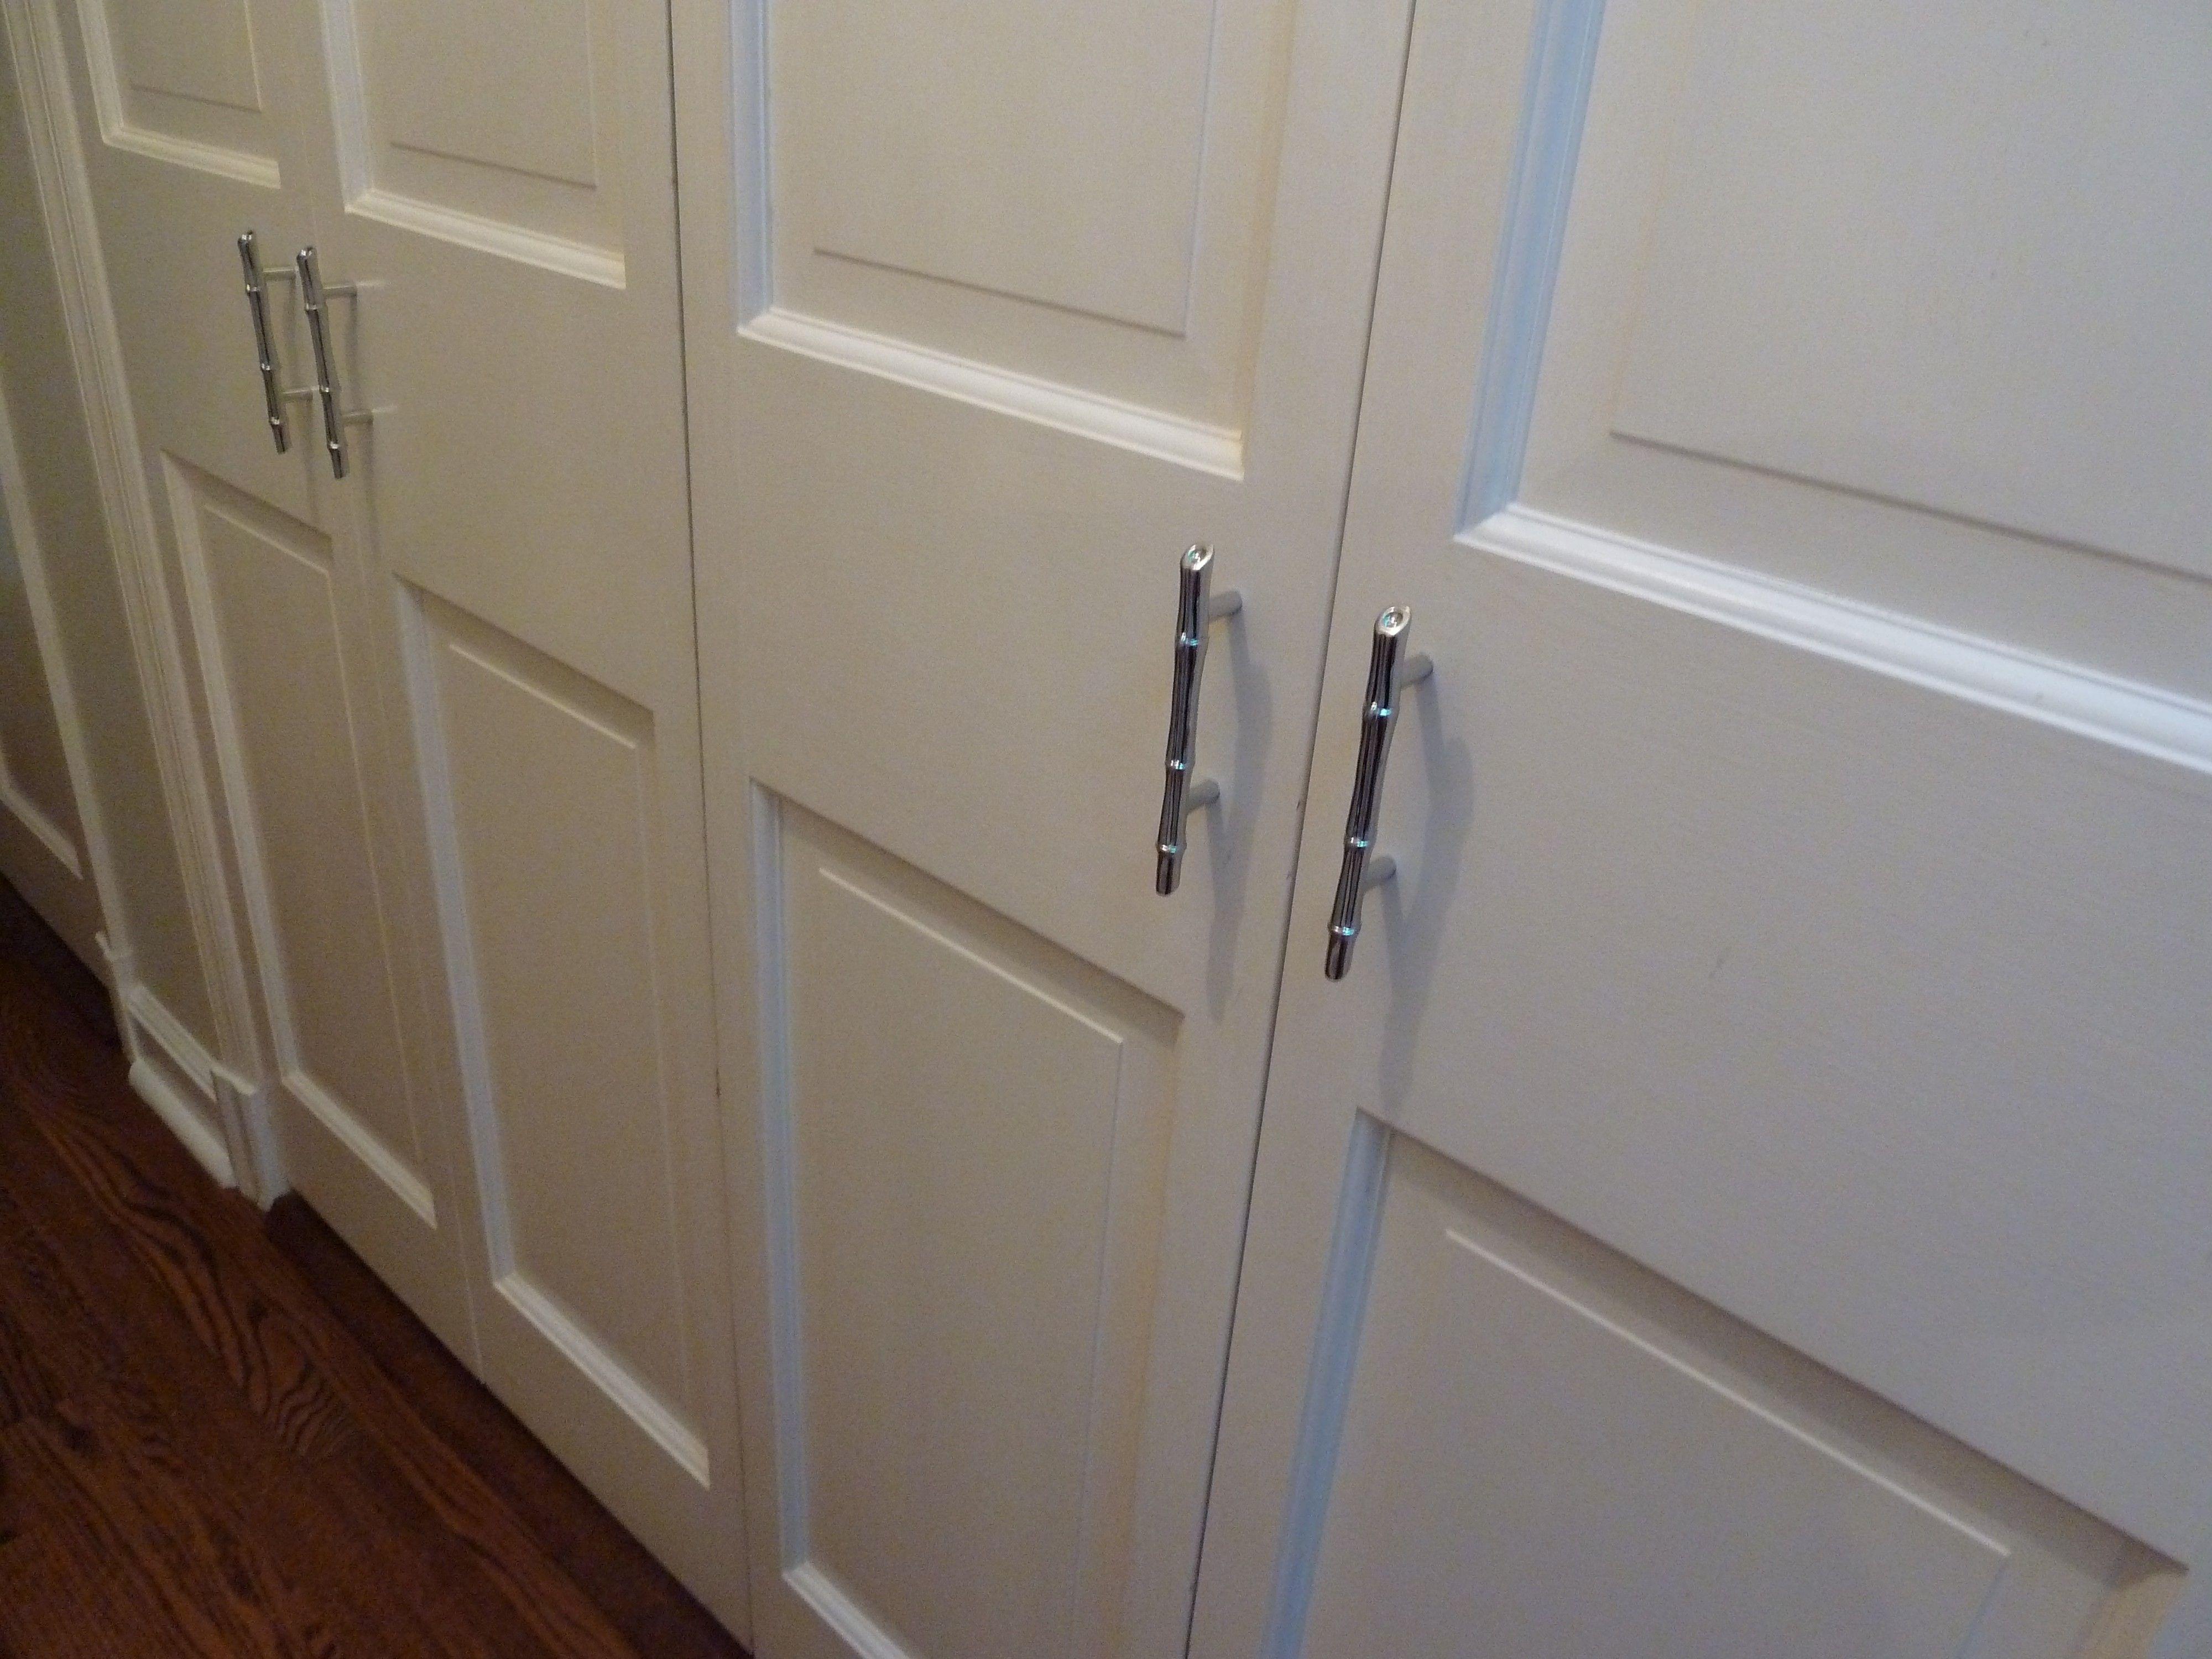 Image Result For Pulls For Bifold Doors Modern Closet Doors Closet Door Handles Sliding Mirror Closet Doors